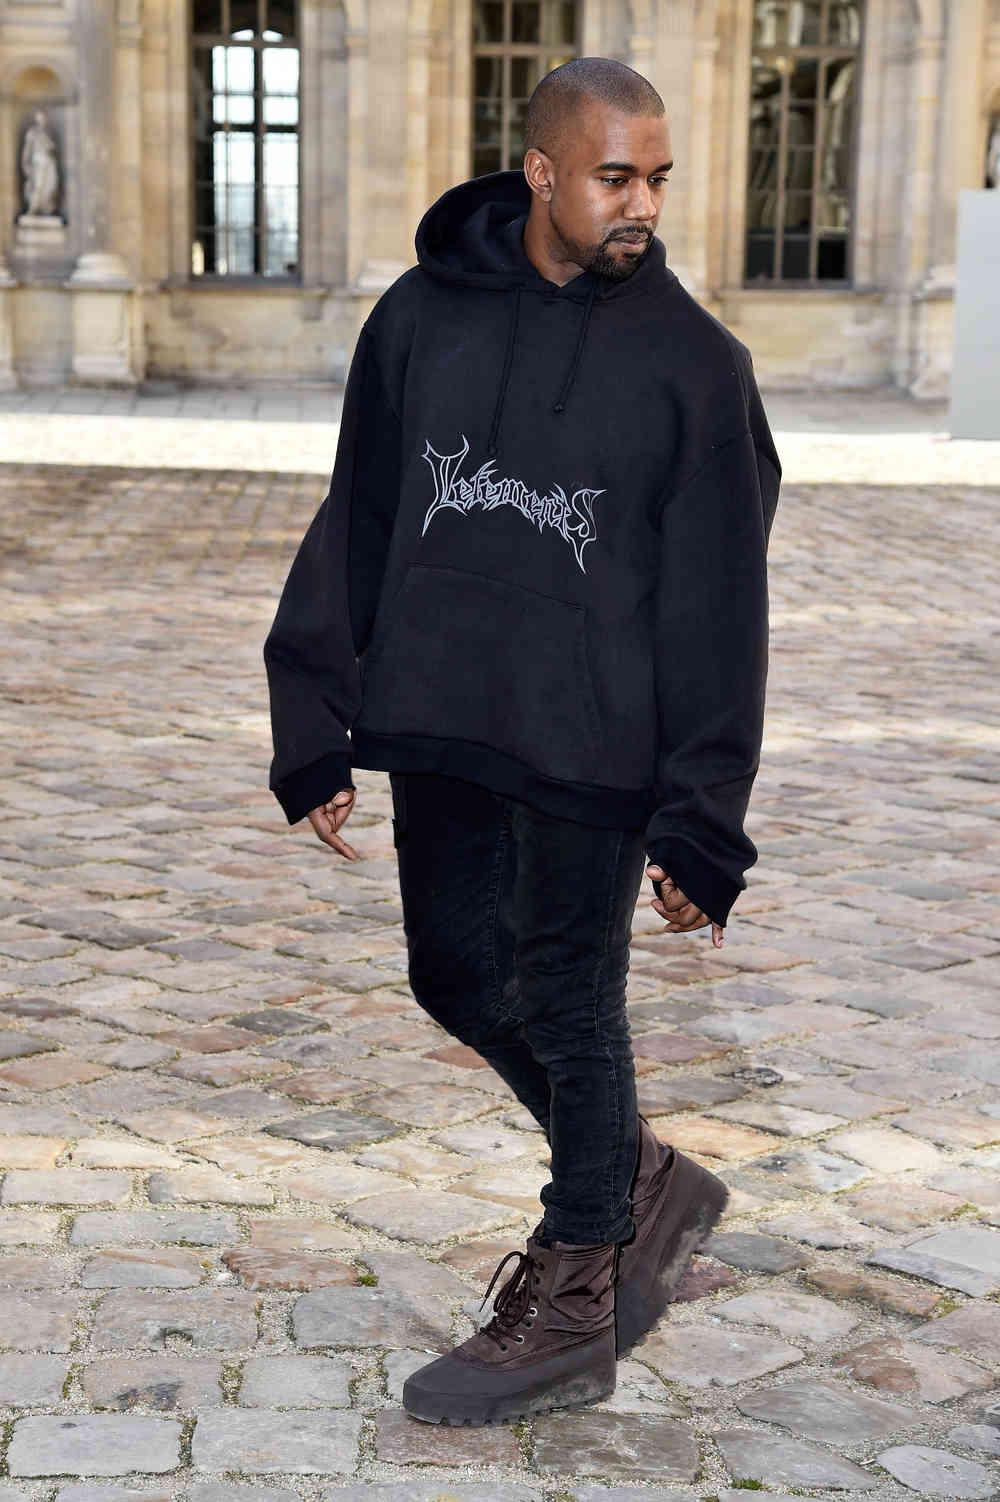 Rapper Kanye West đã ủng hộ Vetements ngay từ khi chưa có nhiều người biết đến thương hiệu này. Thiết kế sweater quá khổ được anh diện tại một show diễn của Dior đã thu hút nhiều bình luận trái chiều từ báo giới và người hâm mộ.